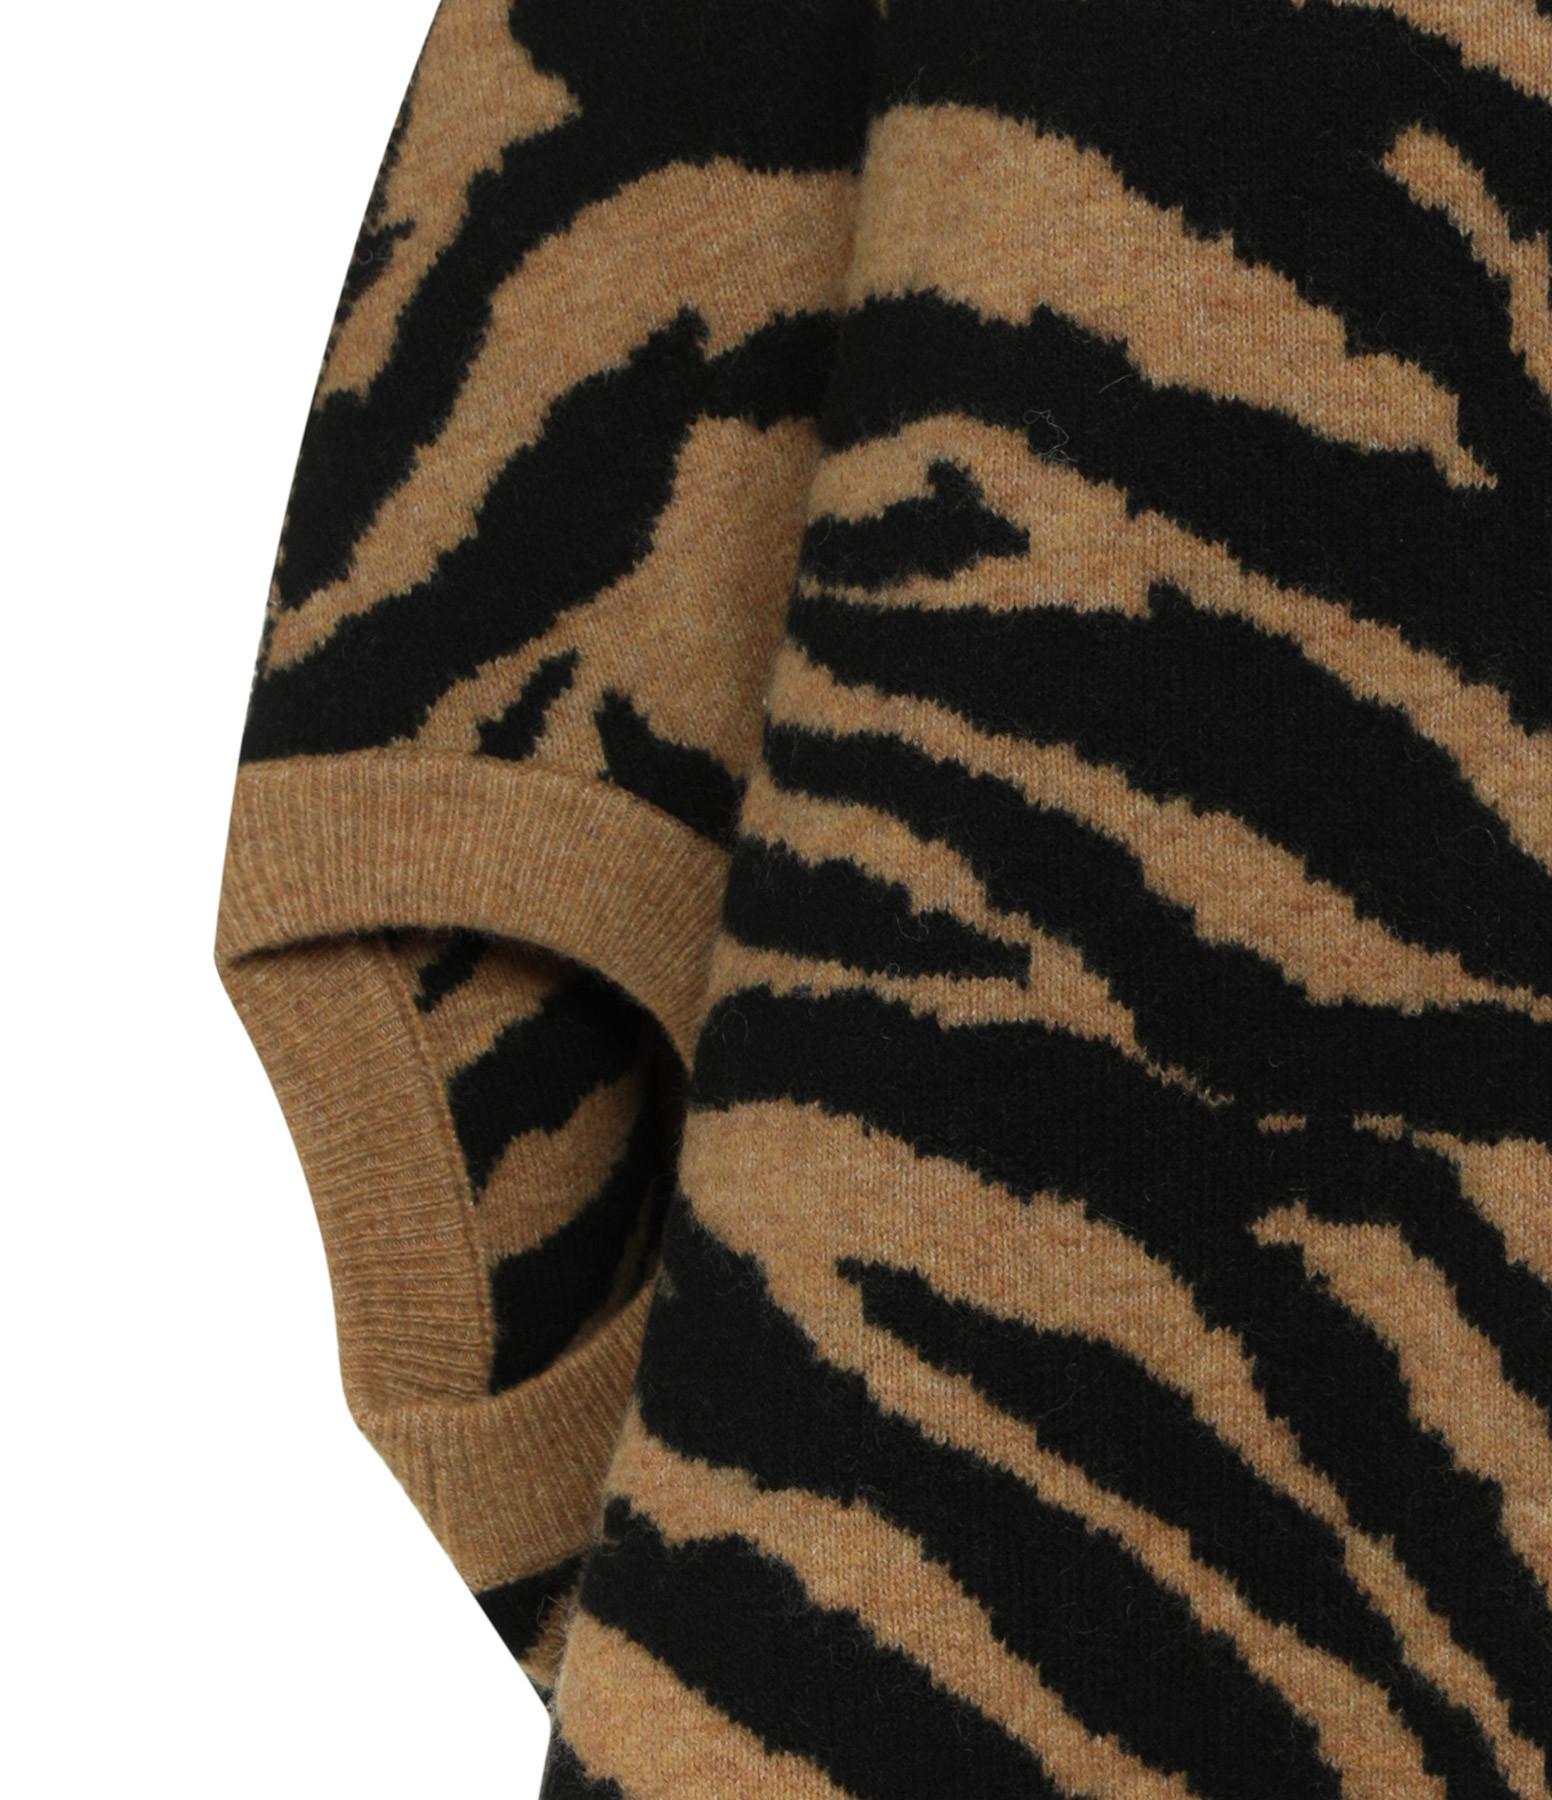 MM6 MAISON MARGIELA - Sweatshirt Zèbre Camel Noir, Collection Studio